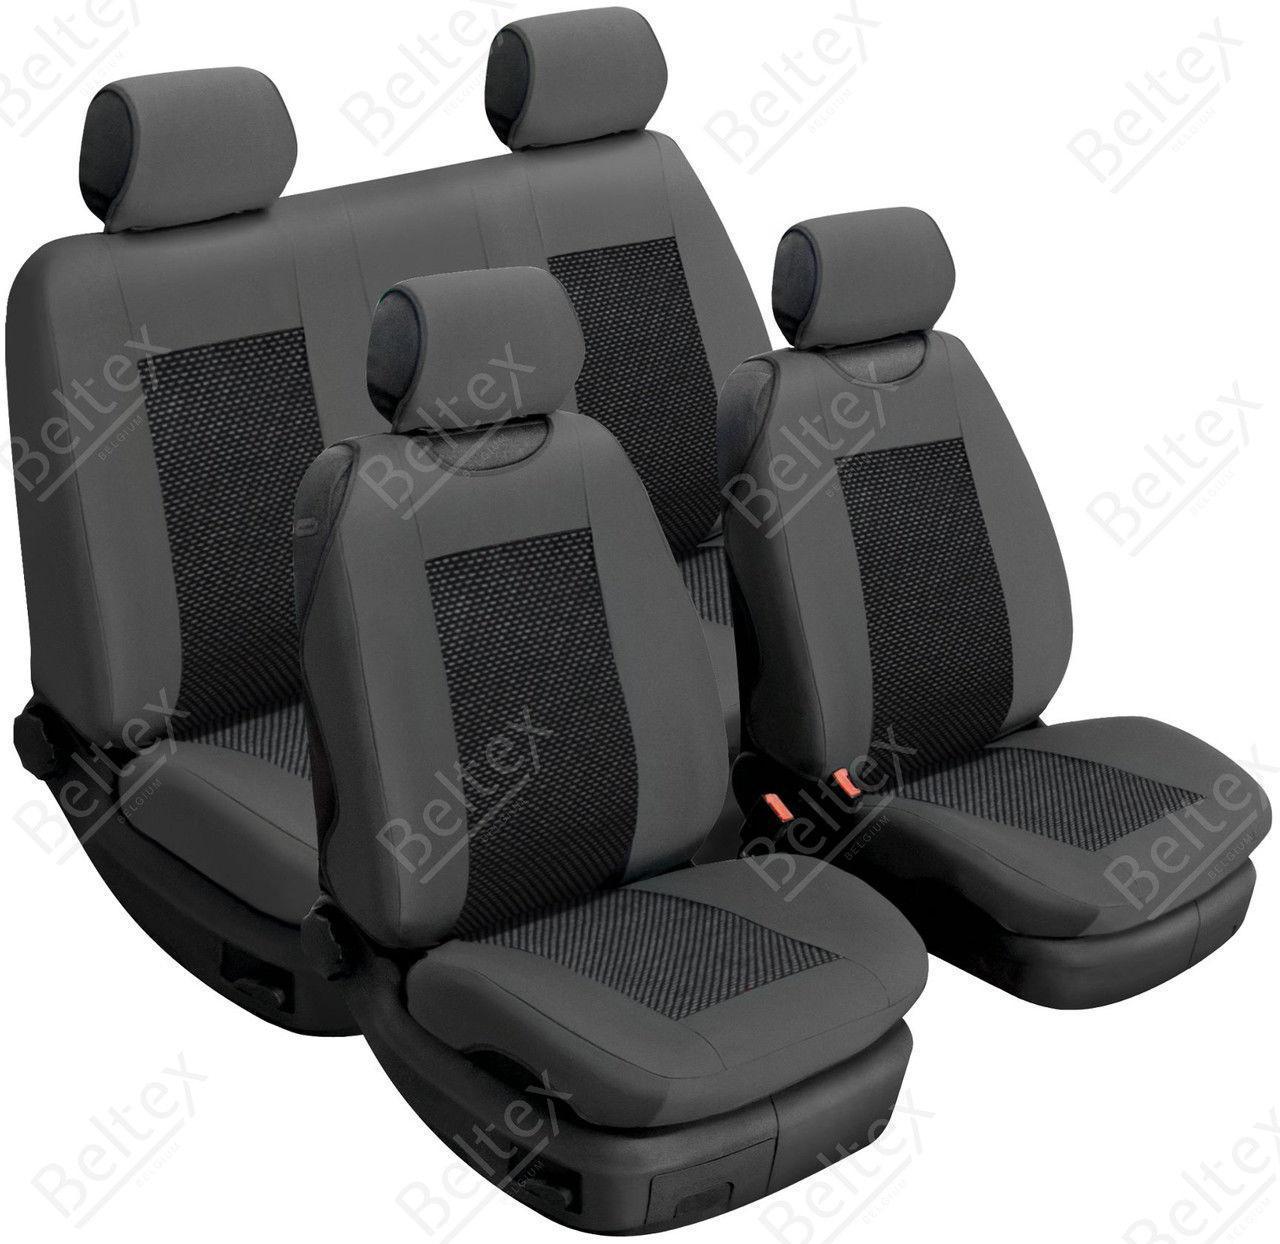 Майки/чехлы на сиденья Субару Легаси 4 (Subaru Legacy IV)